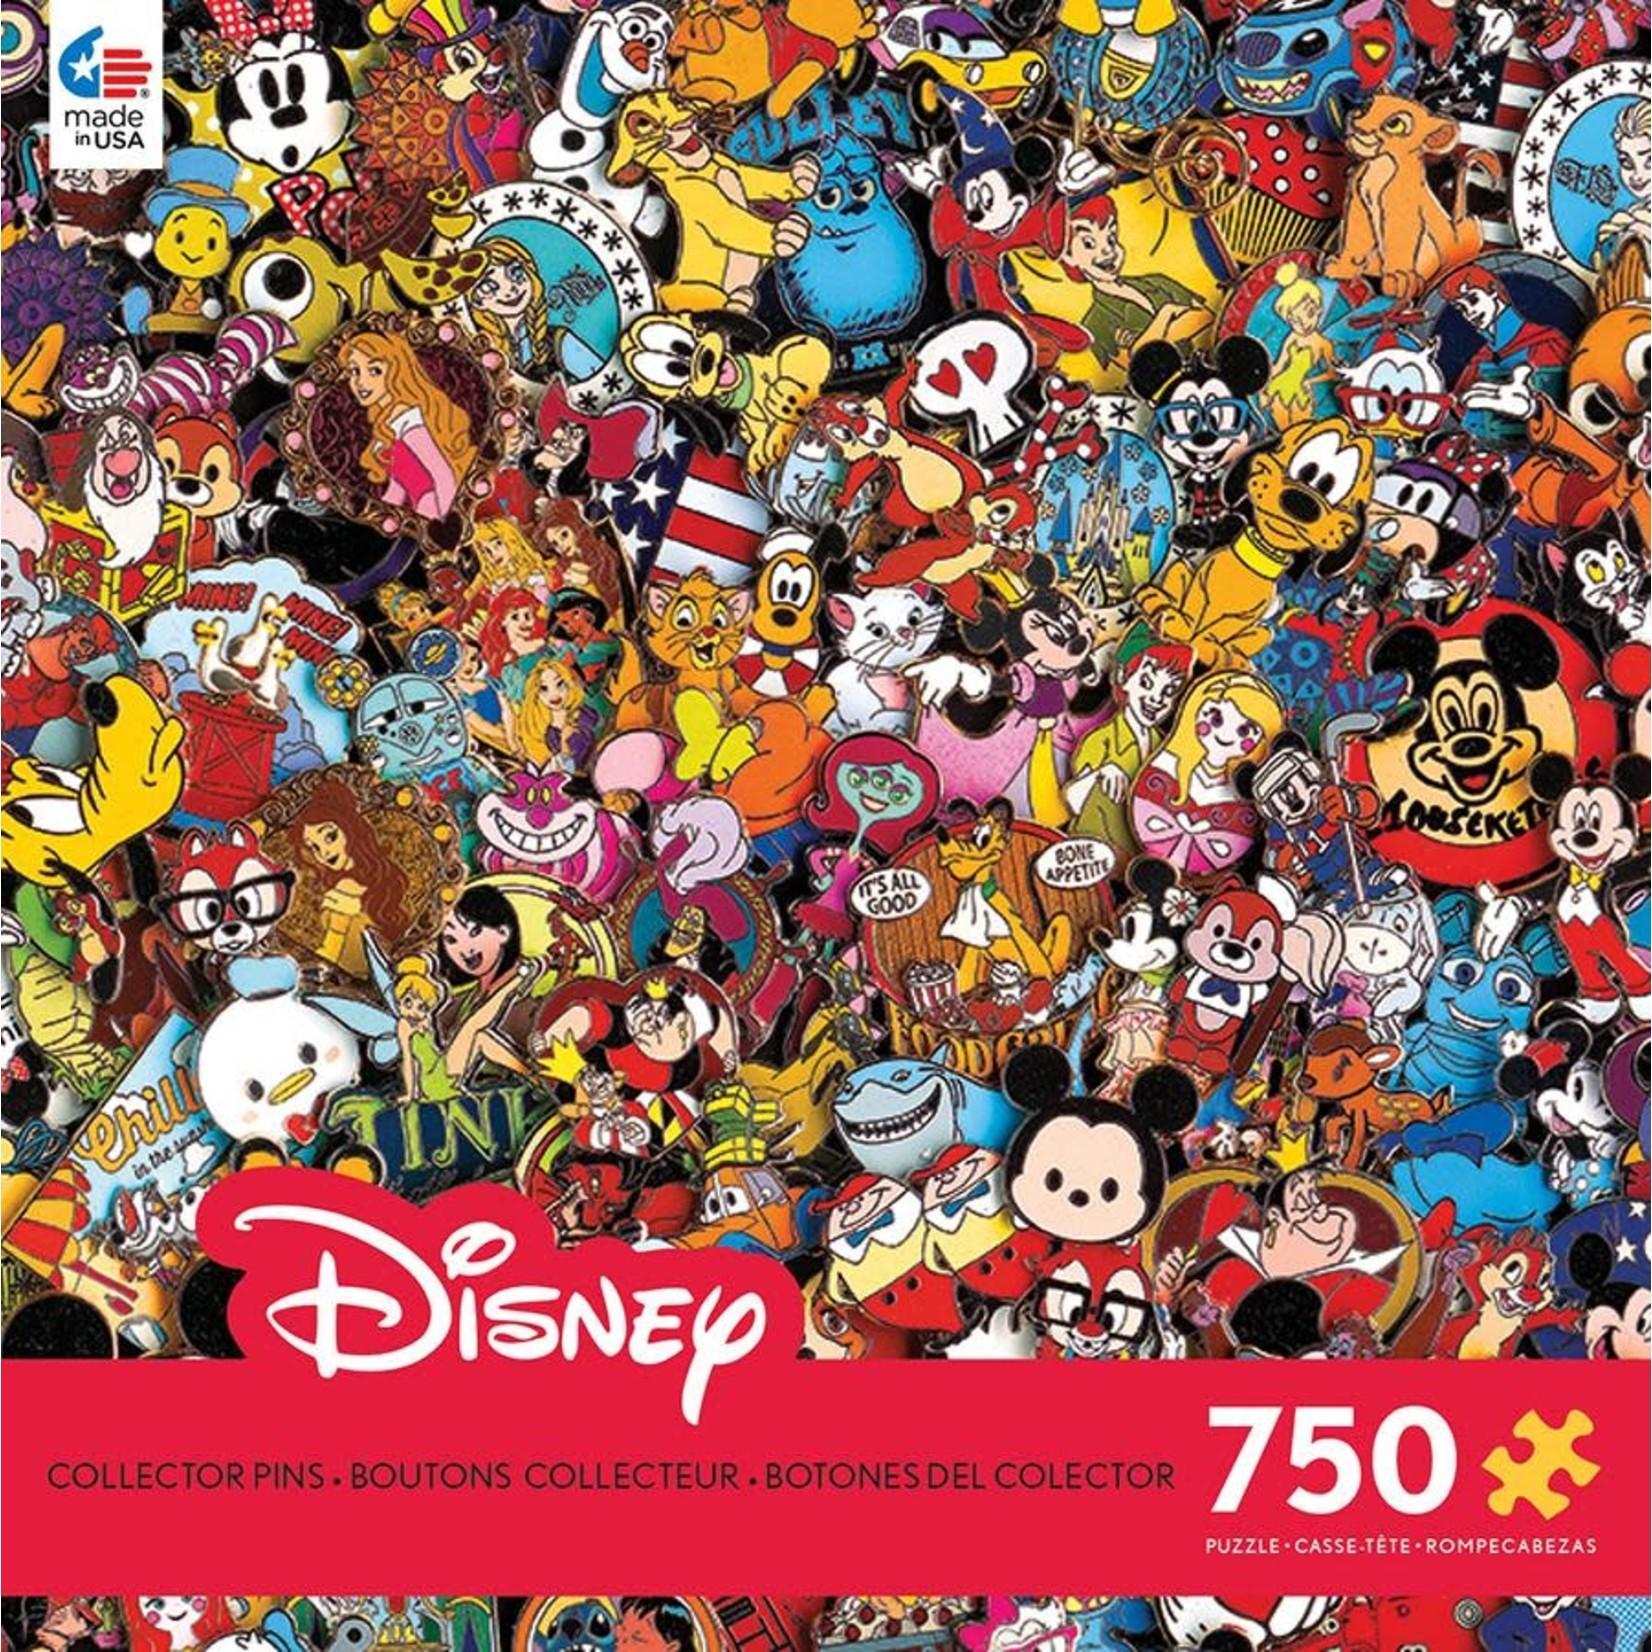 ceaco Ceaco - 750 Piece Puzzle: Disney Collection - Collector Pins